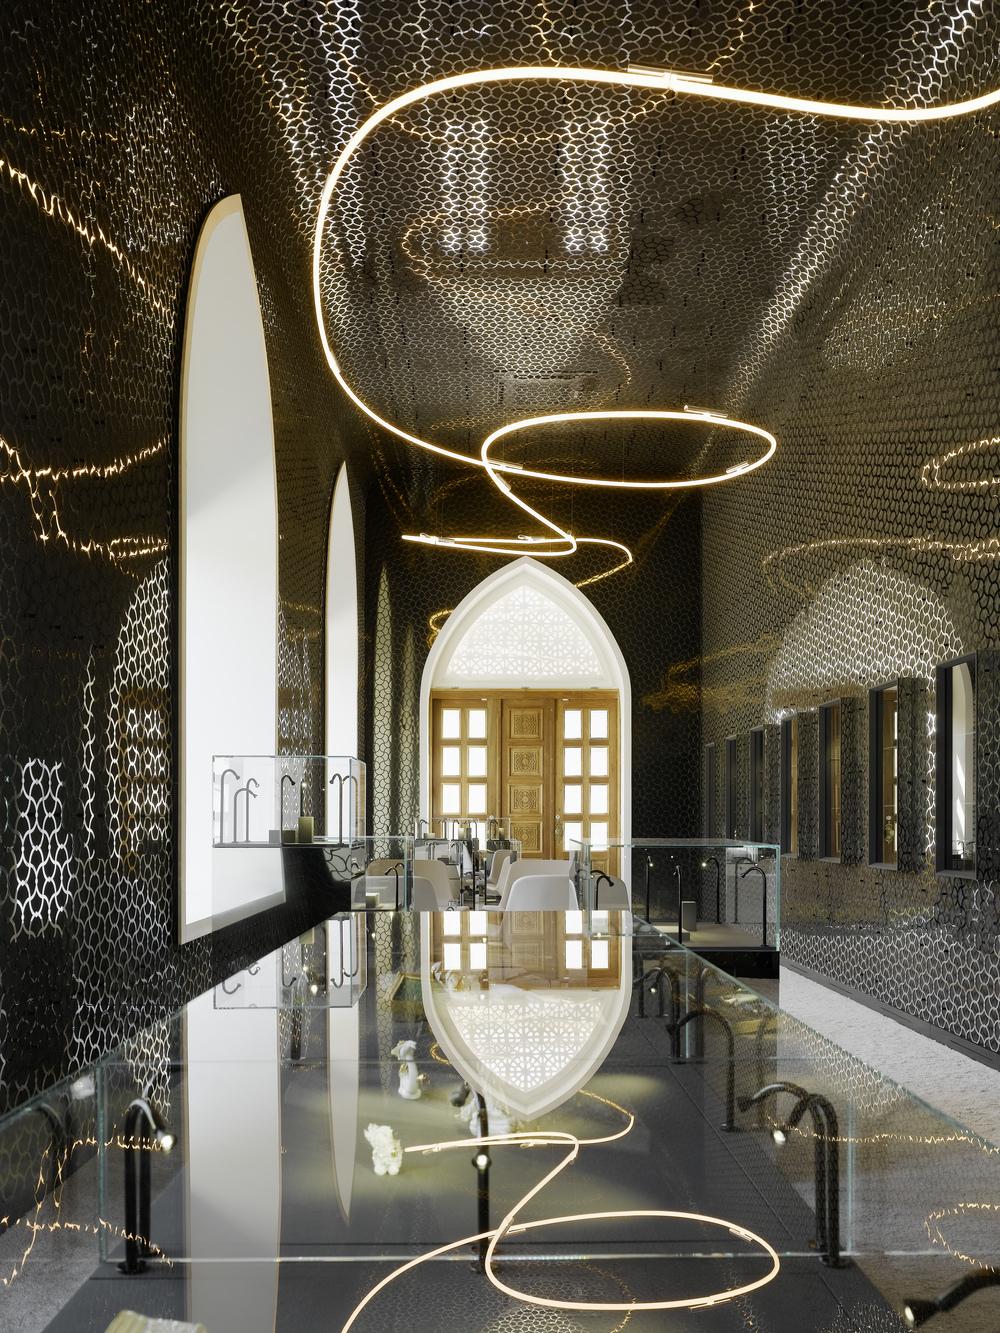 Innen Architektur innenarchitektur stuttgart studio fehre innenarchitektur